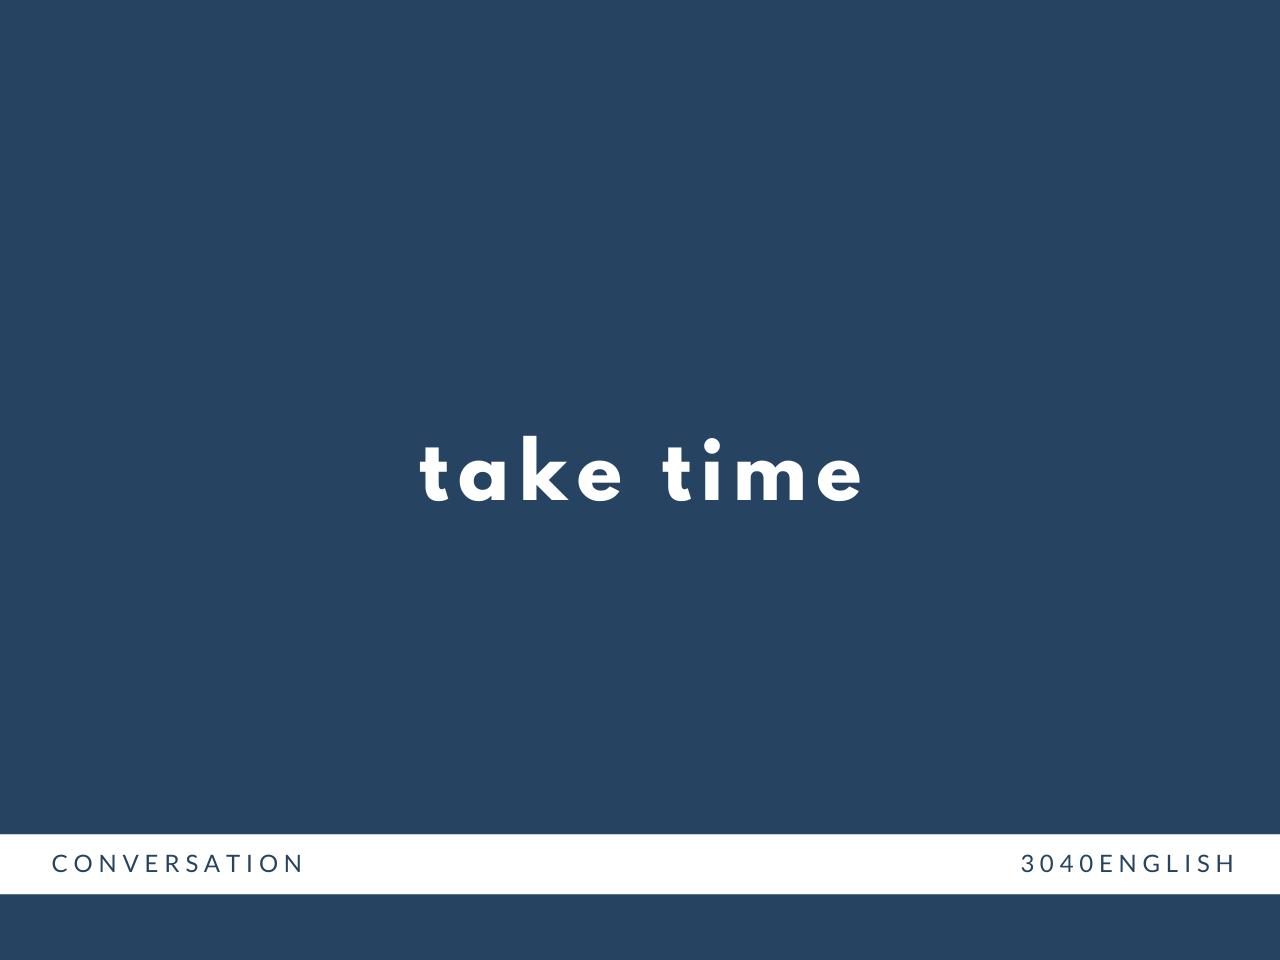 「時間がかかる」の英語表現【英会話用例文あり】